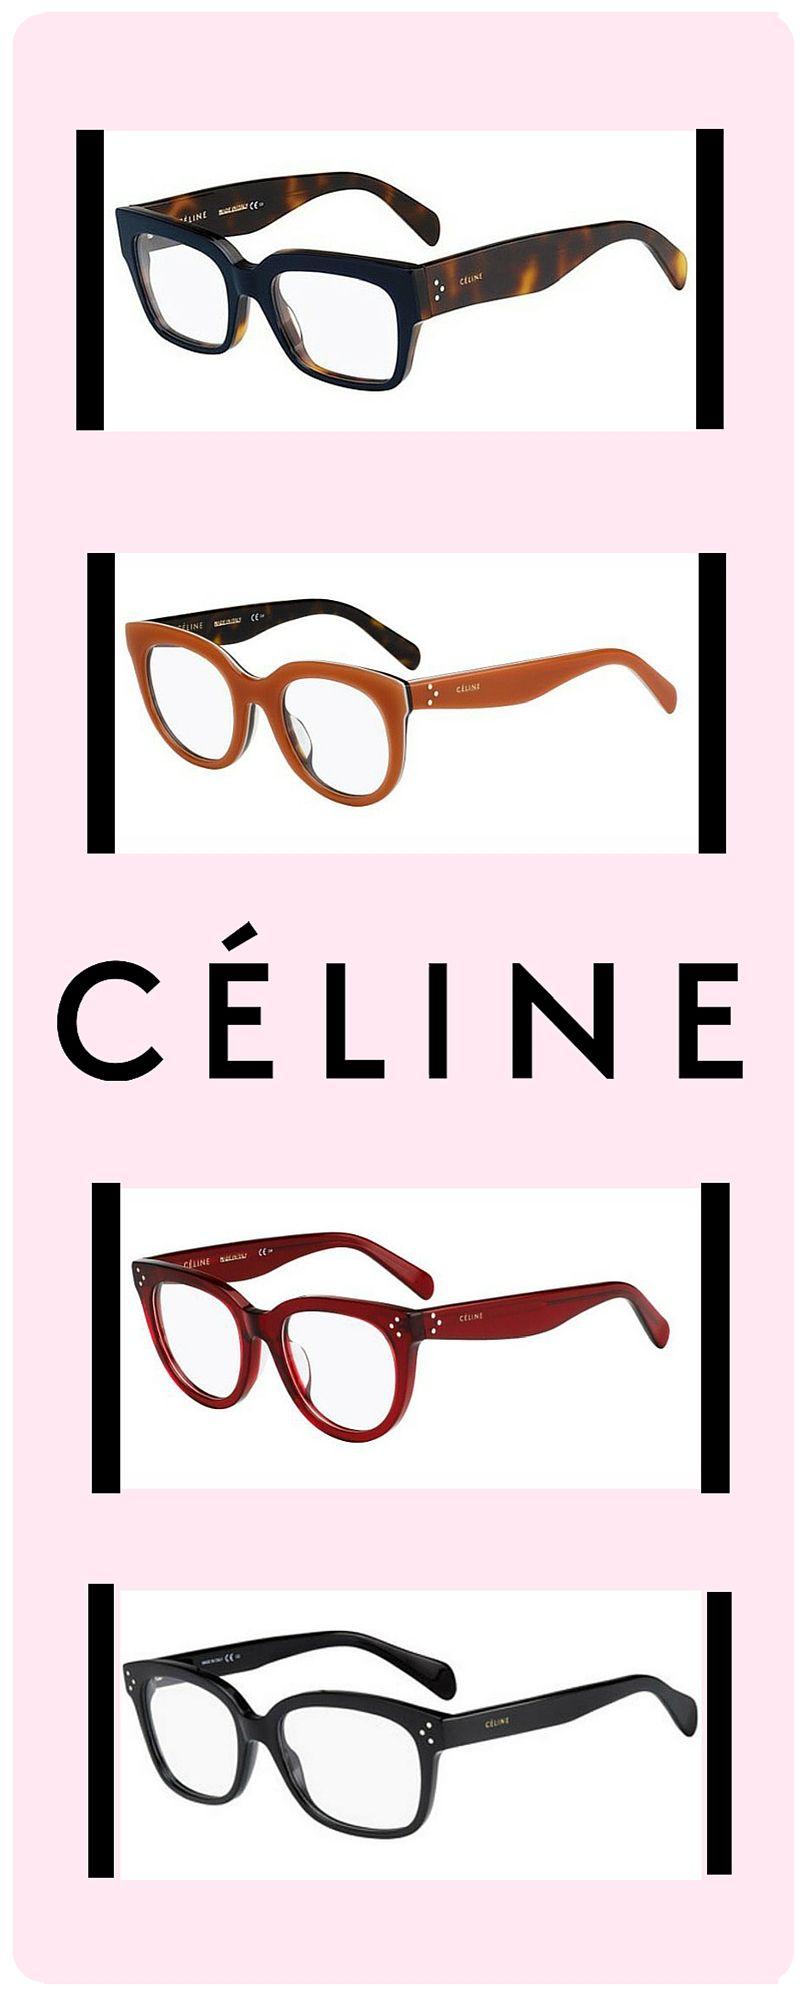 d181c04b2f4 Glamorous Céline glasses http   www.smartbuyglasses.com designer-eyeglasses